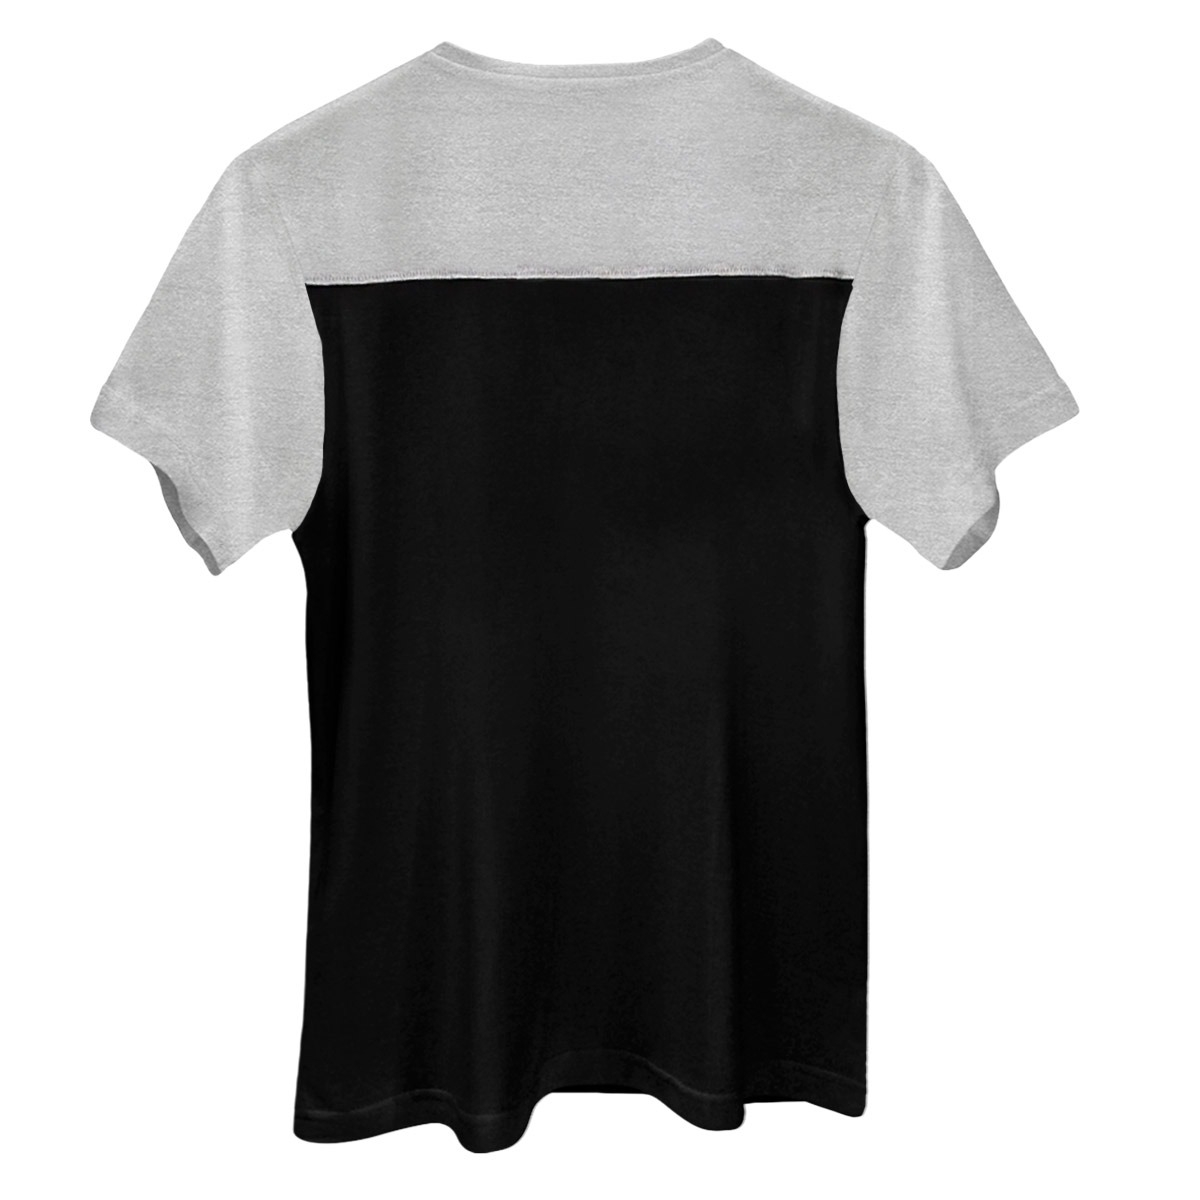 Camiseta Masculina Bicolor Mescla e Preto